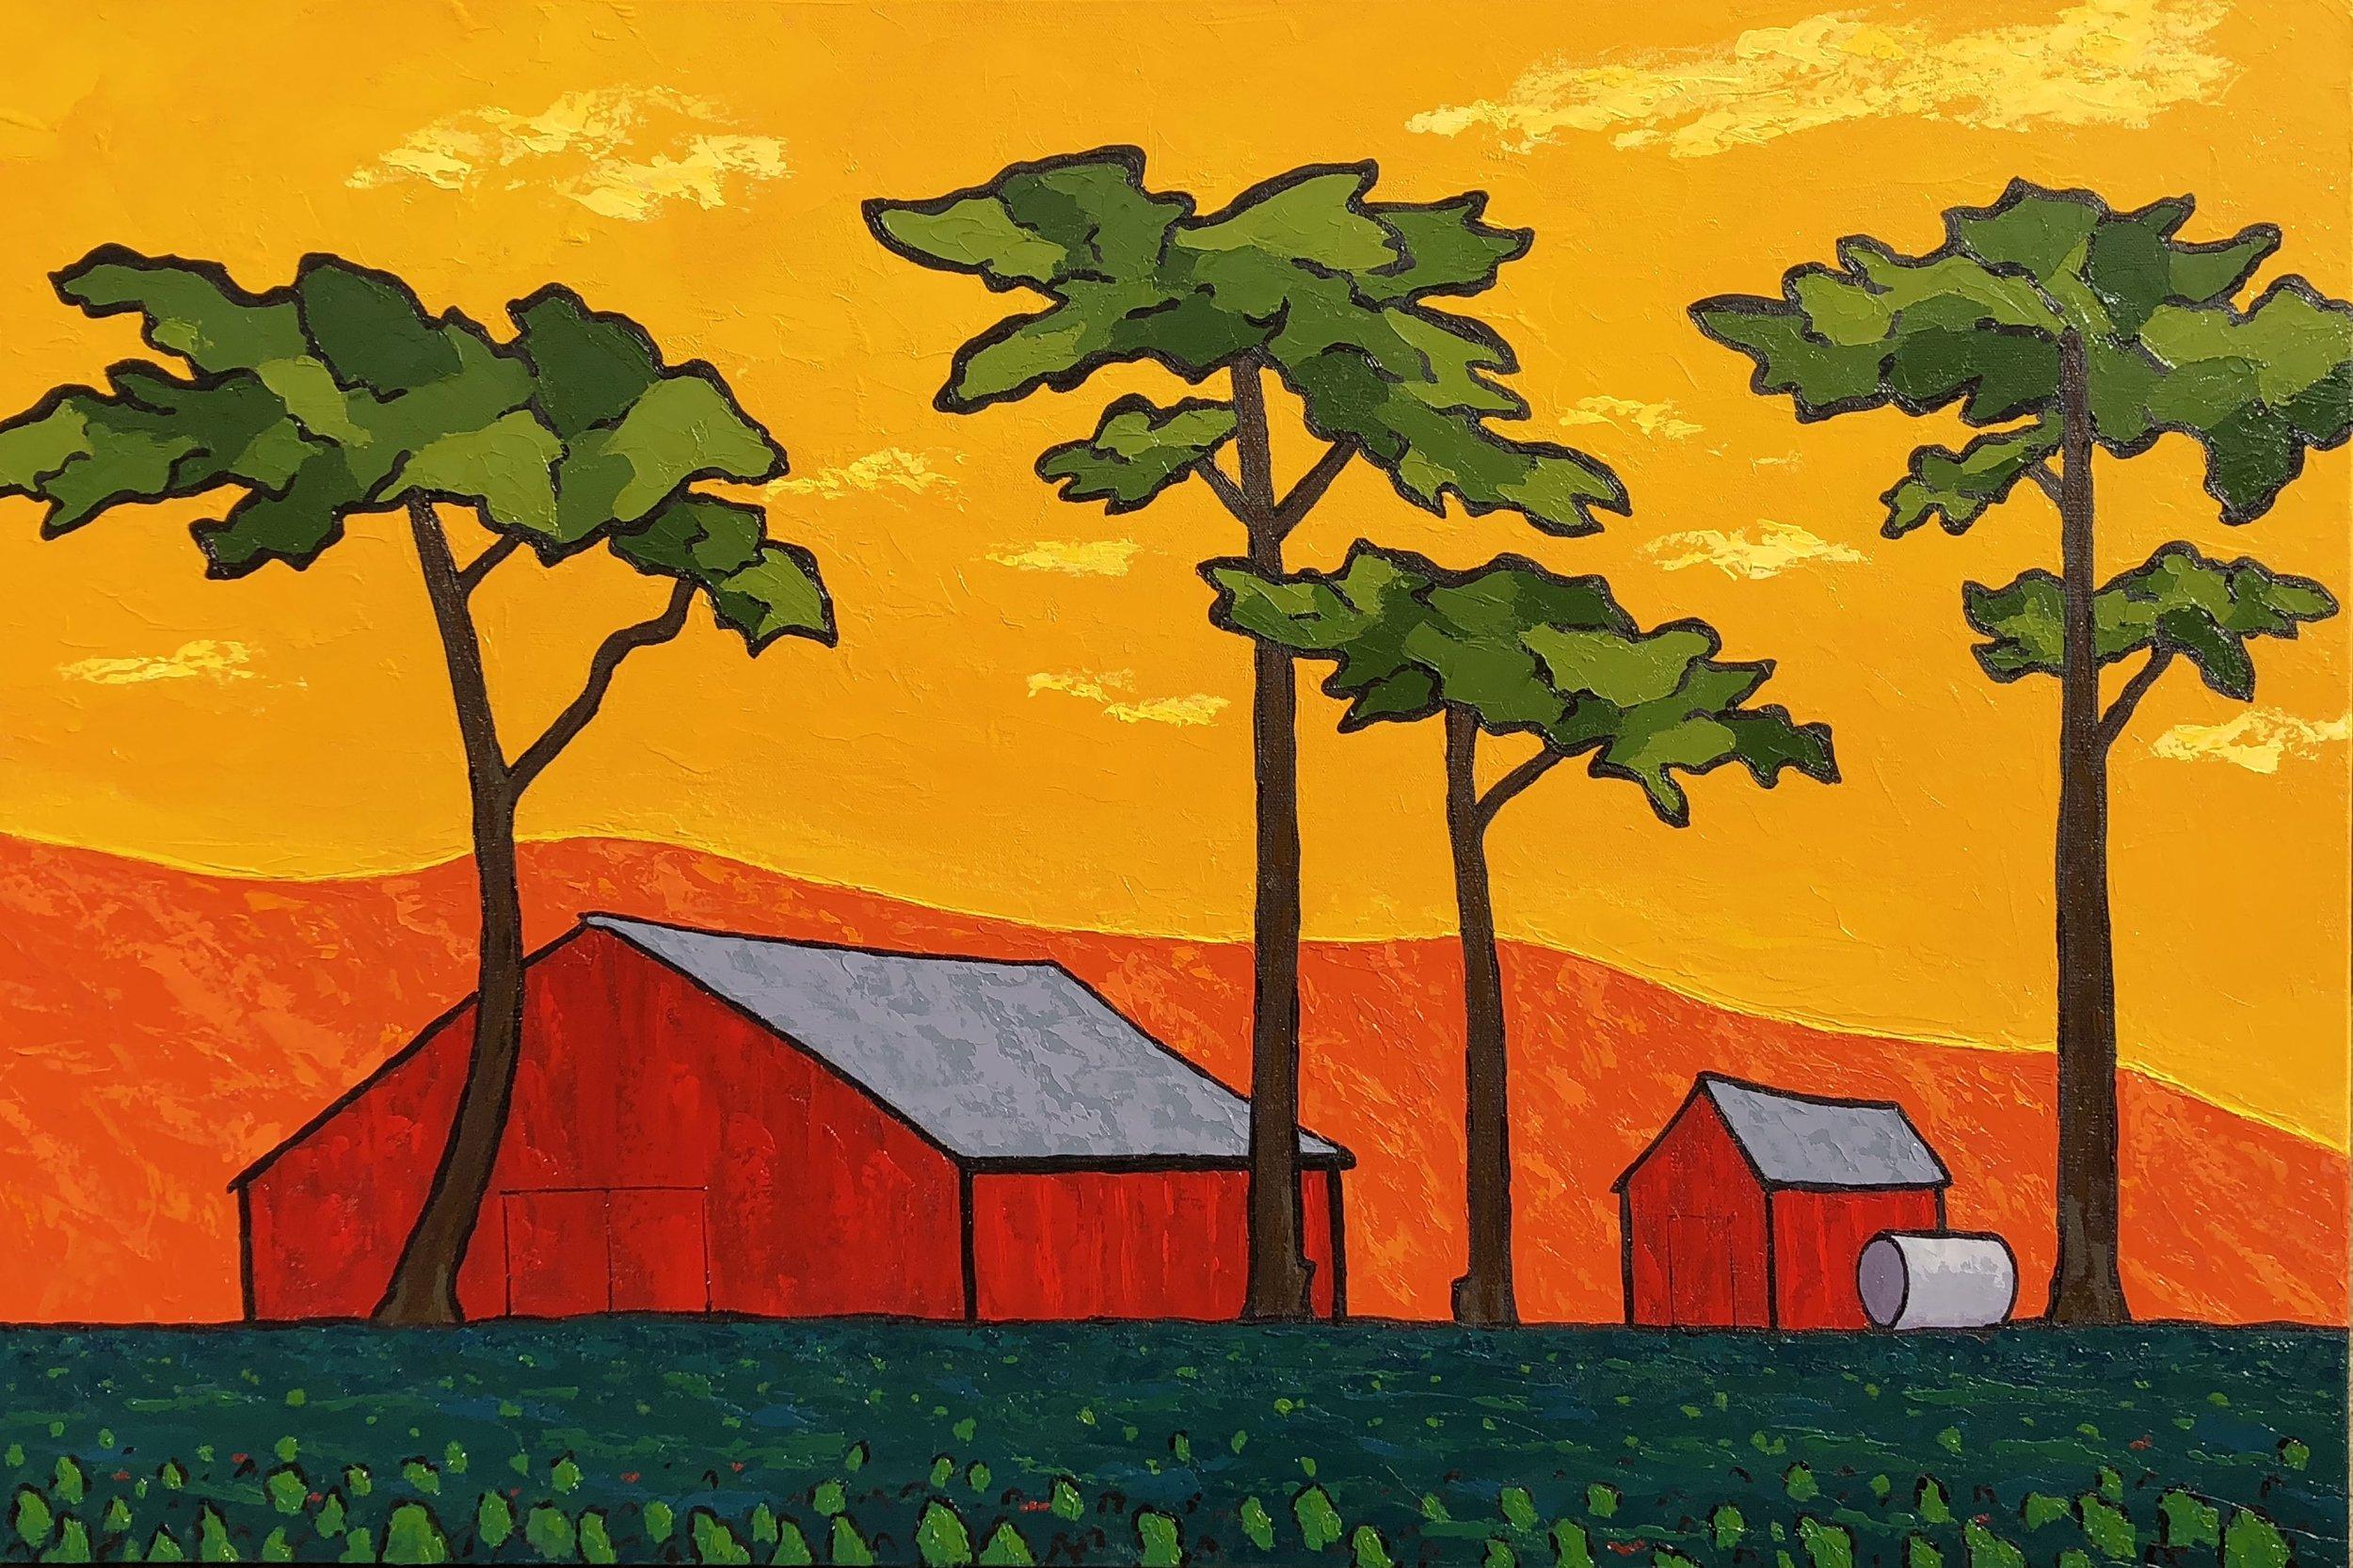 Castroville Farm at Dawn - 24x36